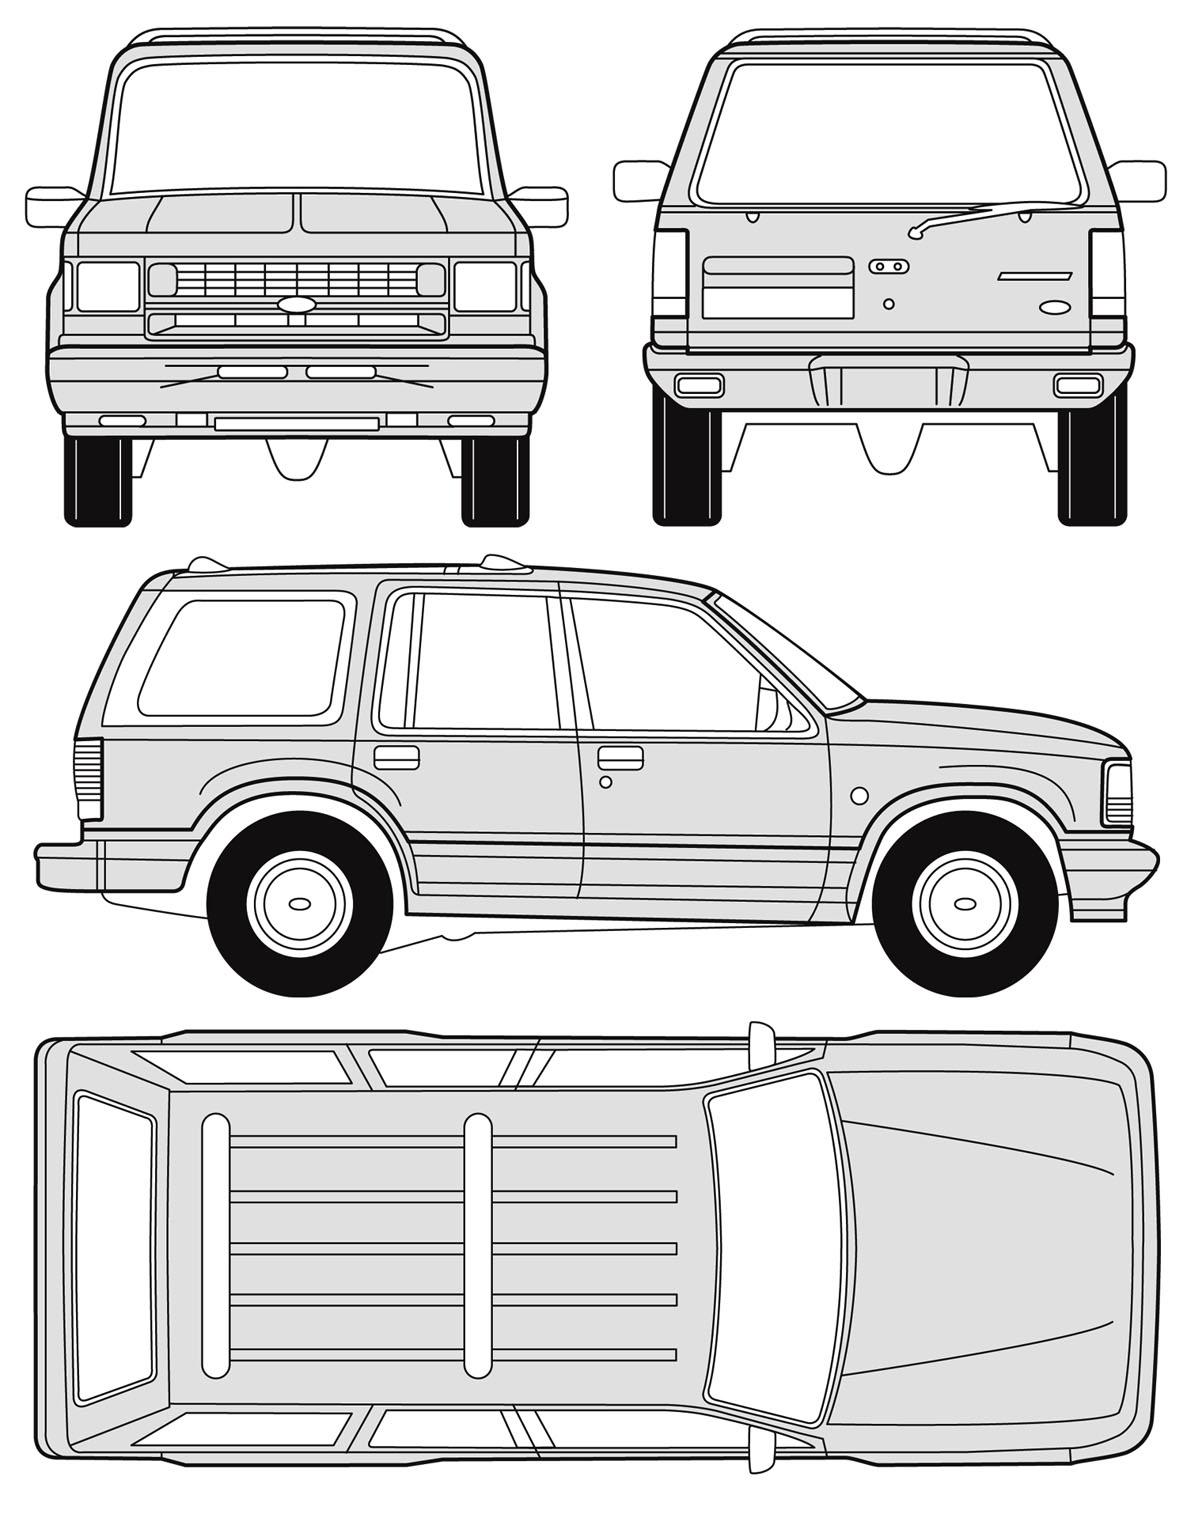 Nett Drahtdiagramme Für Autos Bilder - Schaltplan Serie Circuit ...